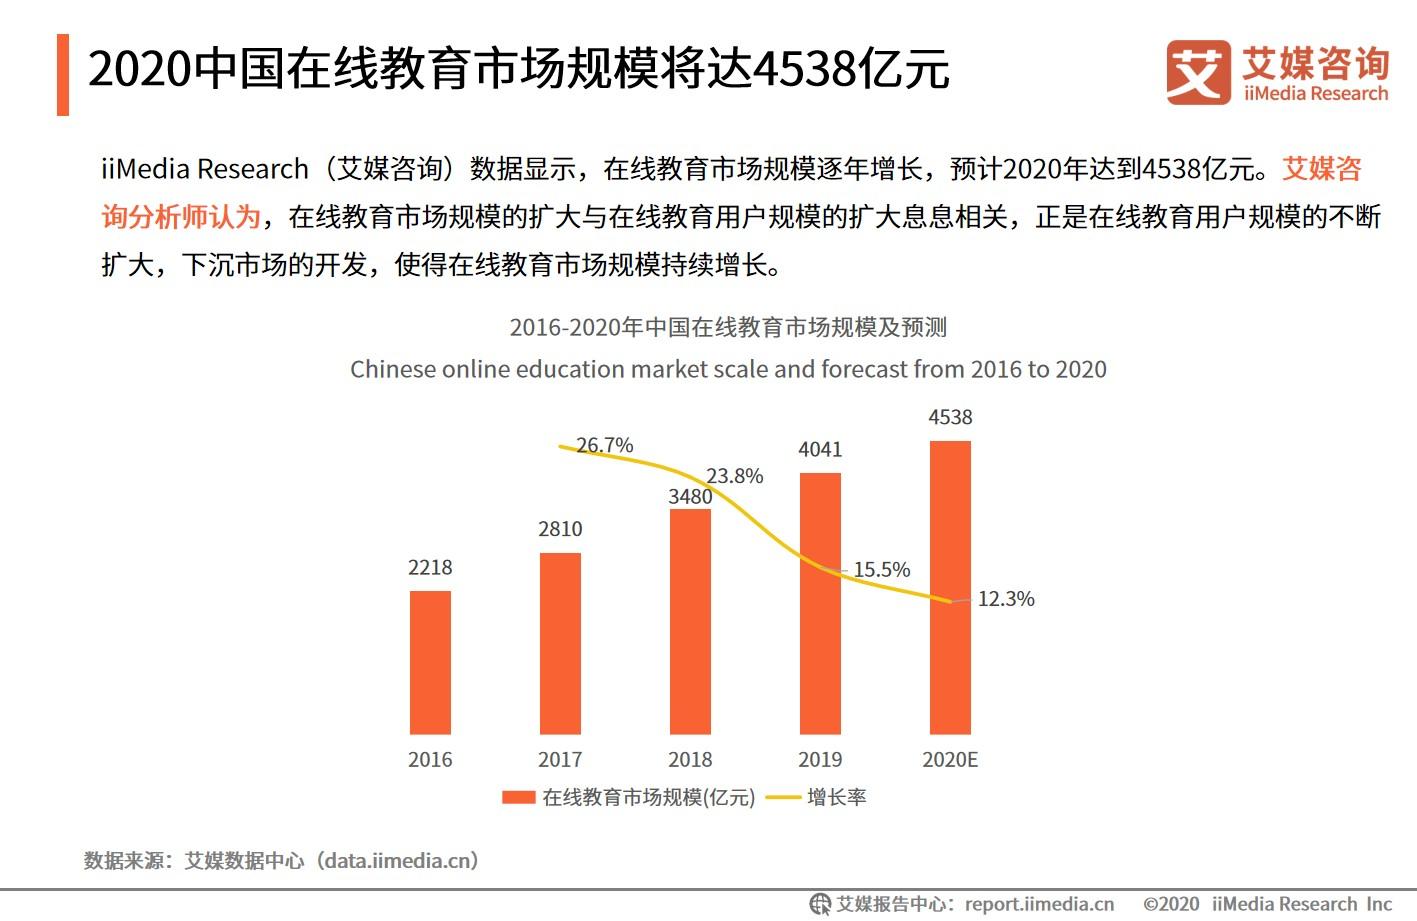 2020中国在线教育市场规模将达4538医院